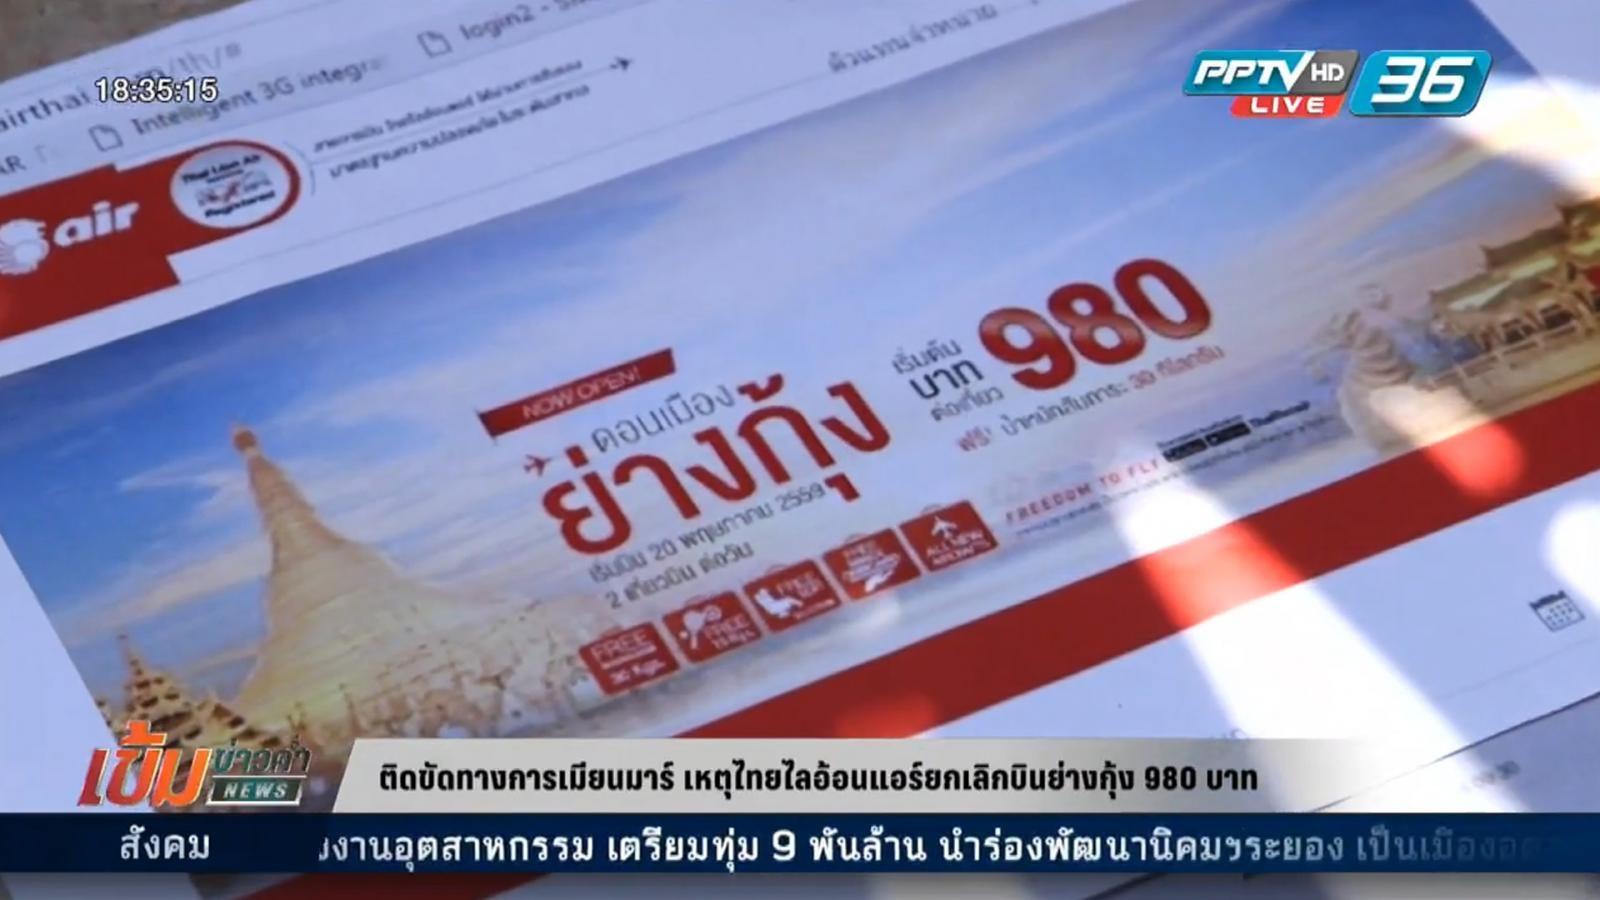 ติดขัดทางการเมียนมาร์ เหตุไทยไลอ้อนแอร์ยกเลิกบินย่างกุ้ง 980 บาท